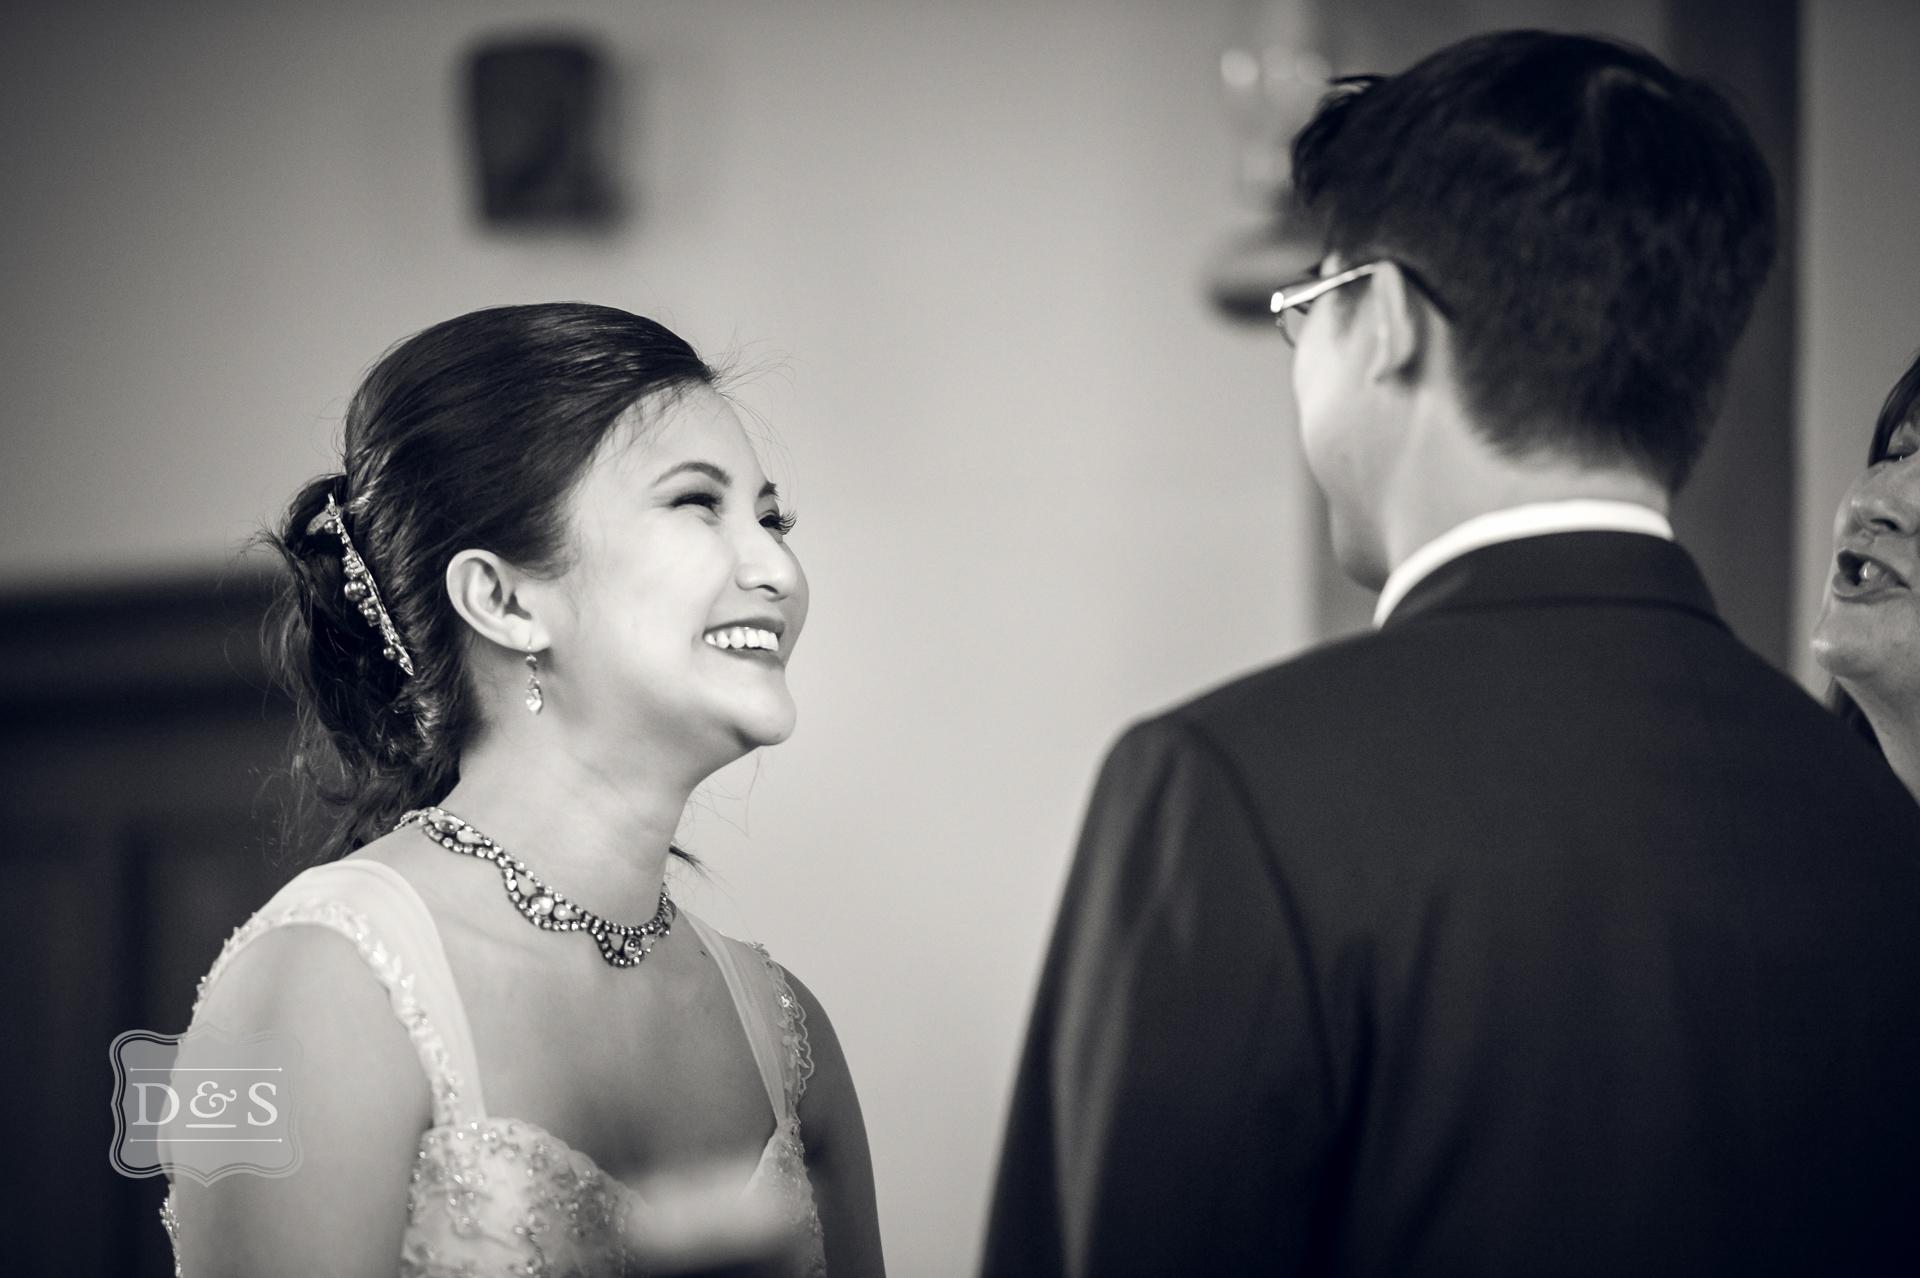 Markham_wedding_photography_006